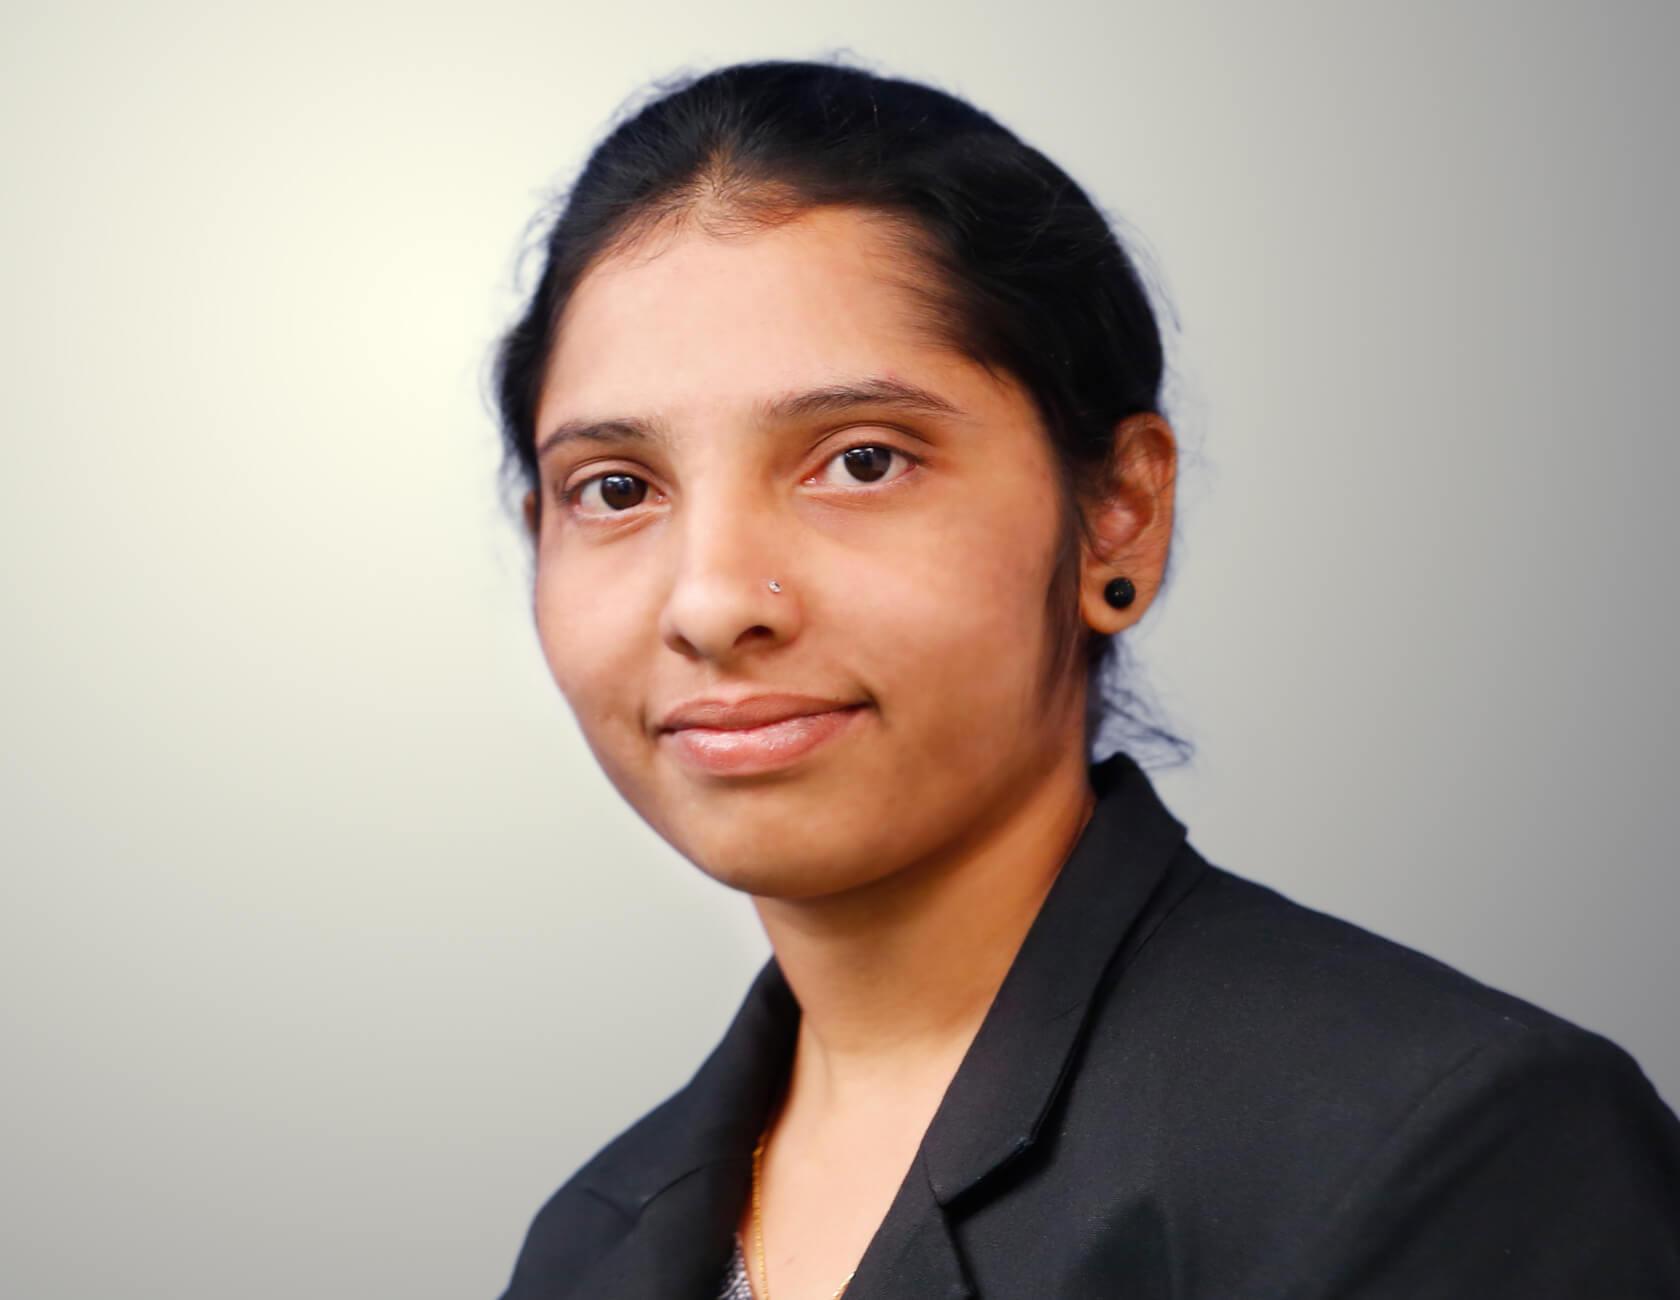 Ayesha Munina